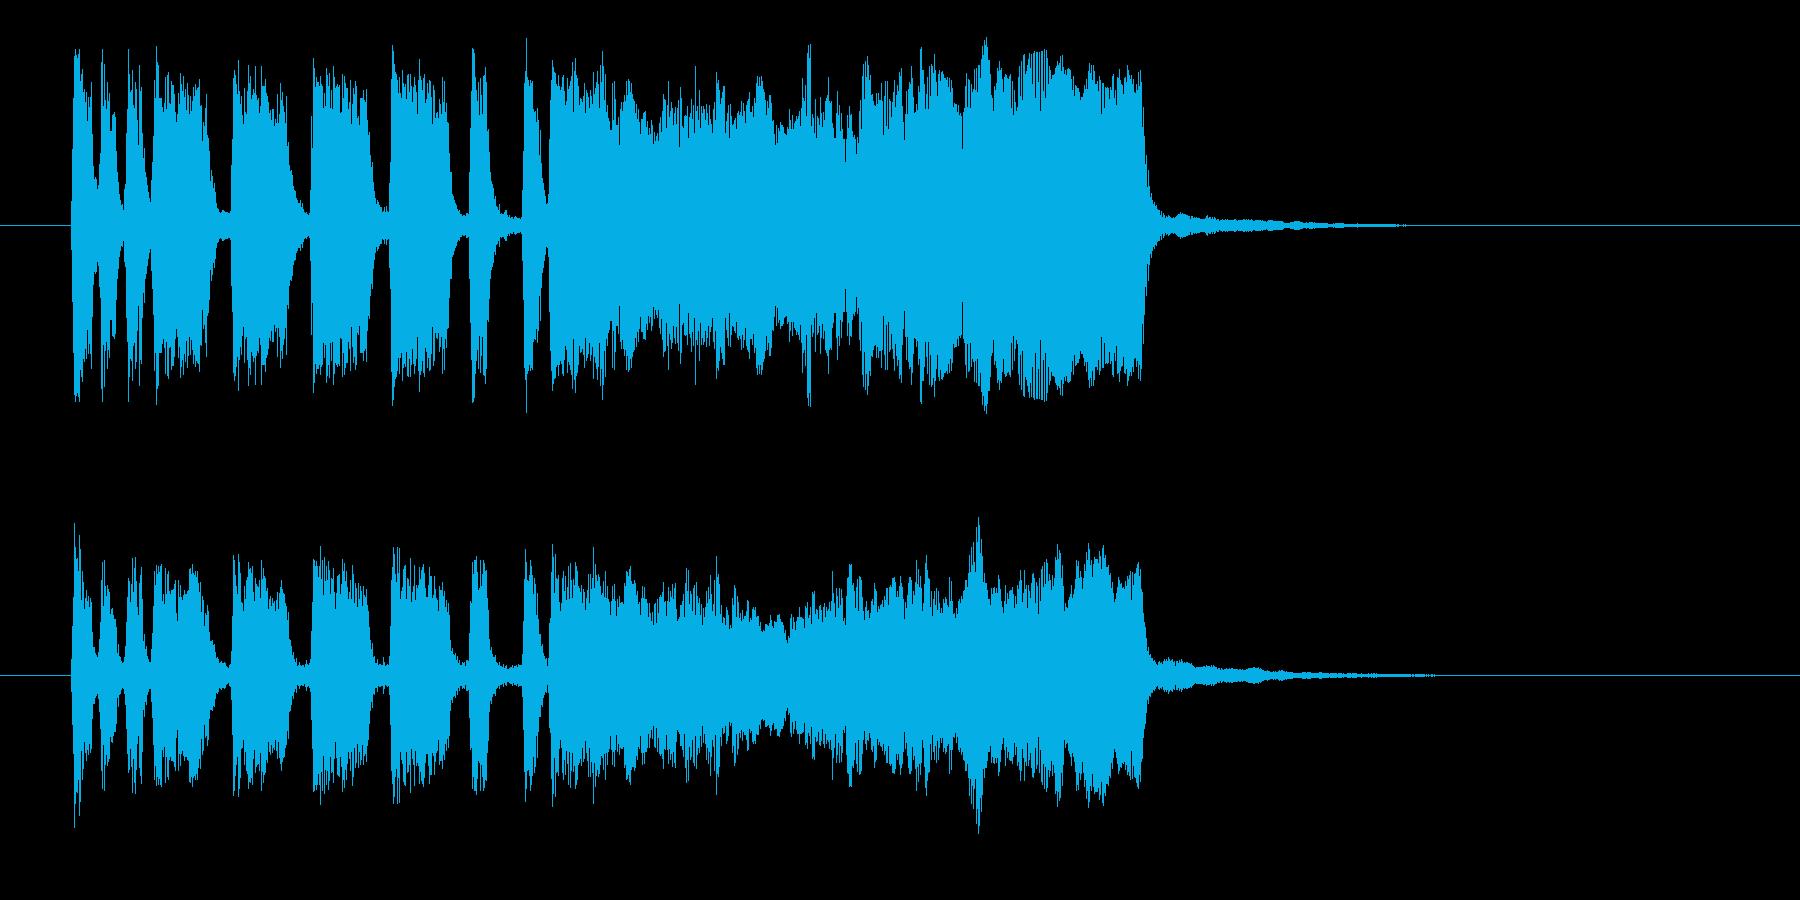 勢いと華やかなシンセ管楽器サウンド短めの再生済みの波形